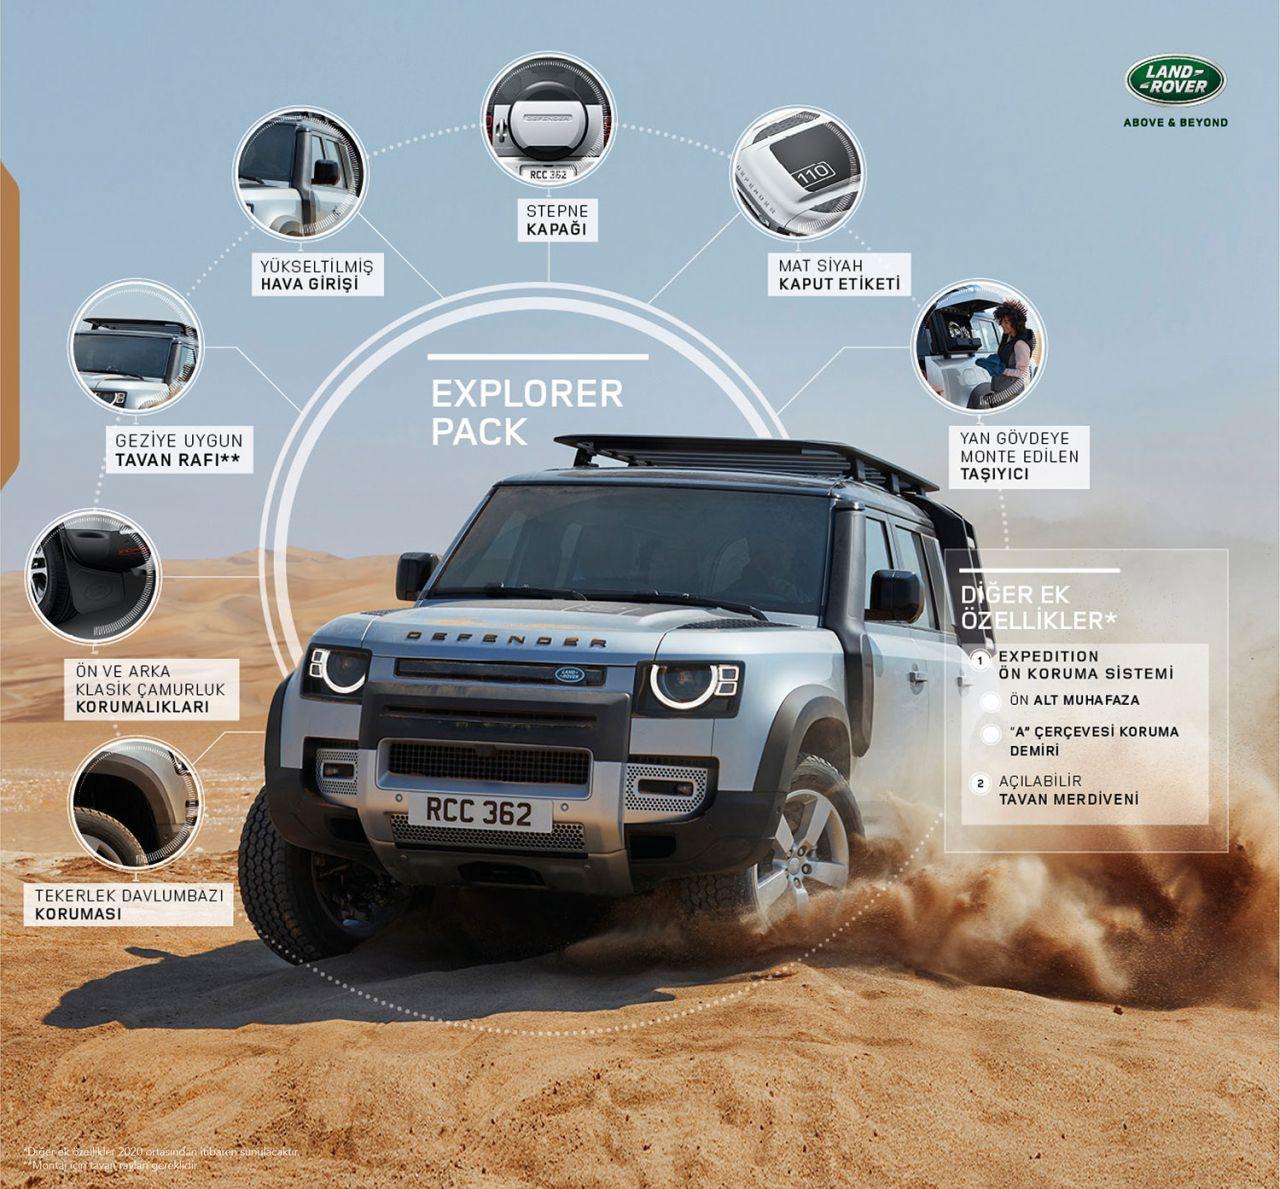 Land Rover Defender Türkiye fiyatı ile dudak uçuklatıyor! - Page 4